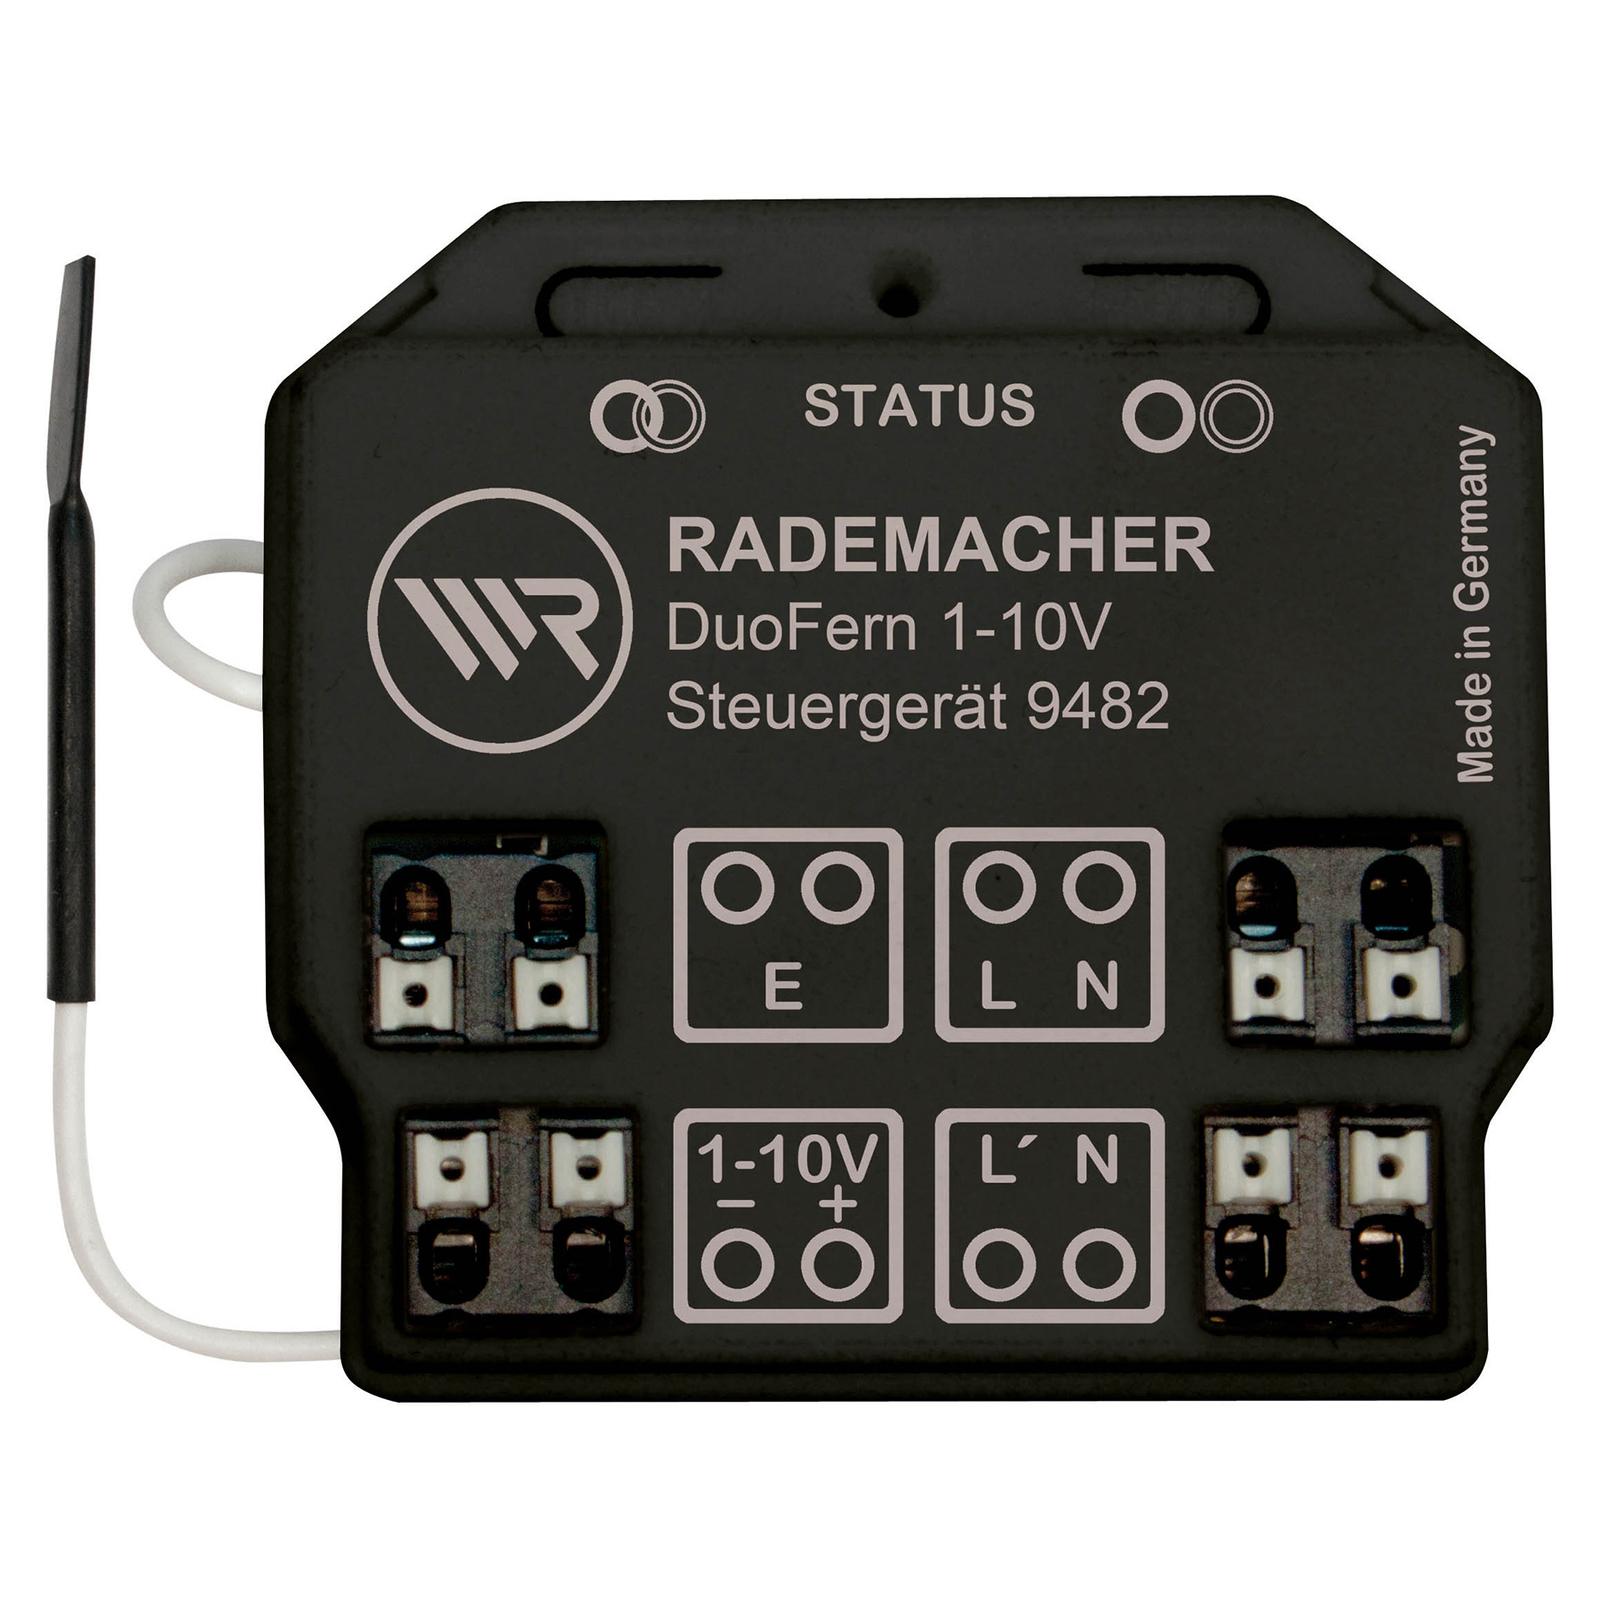 Rademacher DuoFern 1-10V kontrollenhet dimaktuator